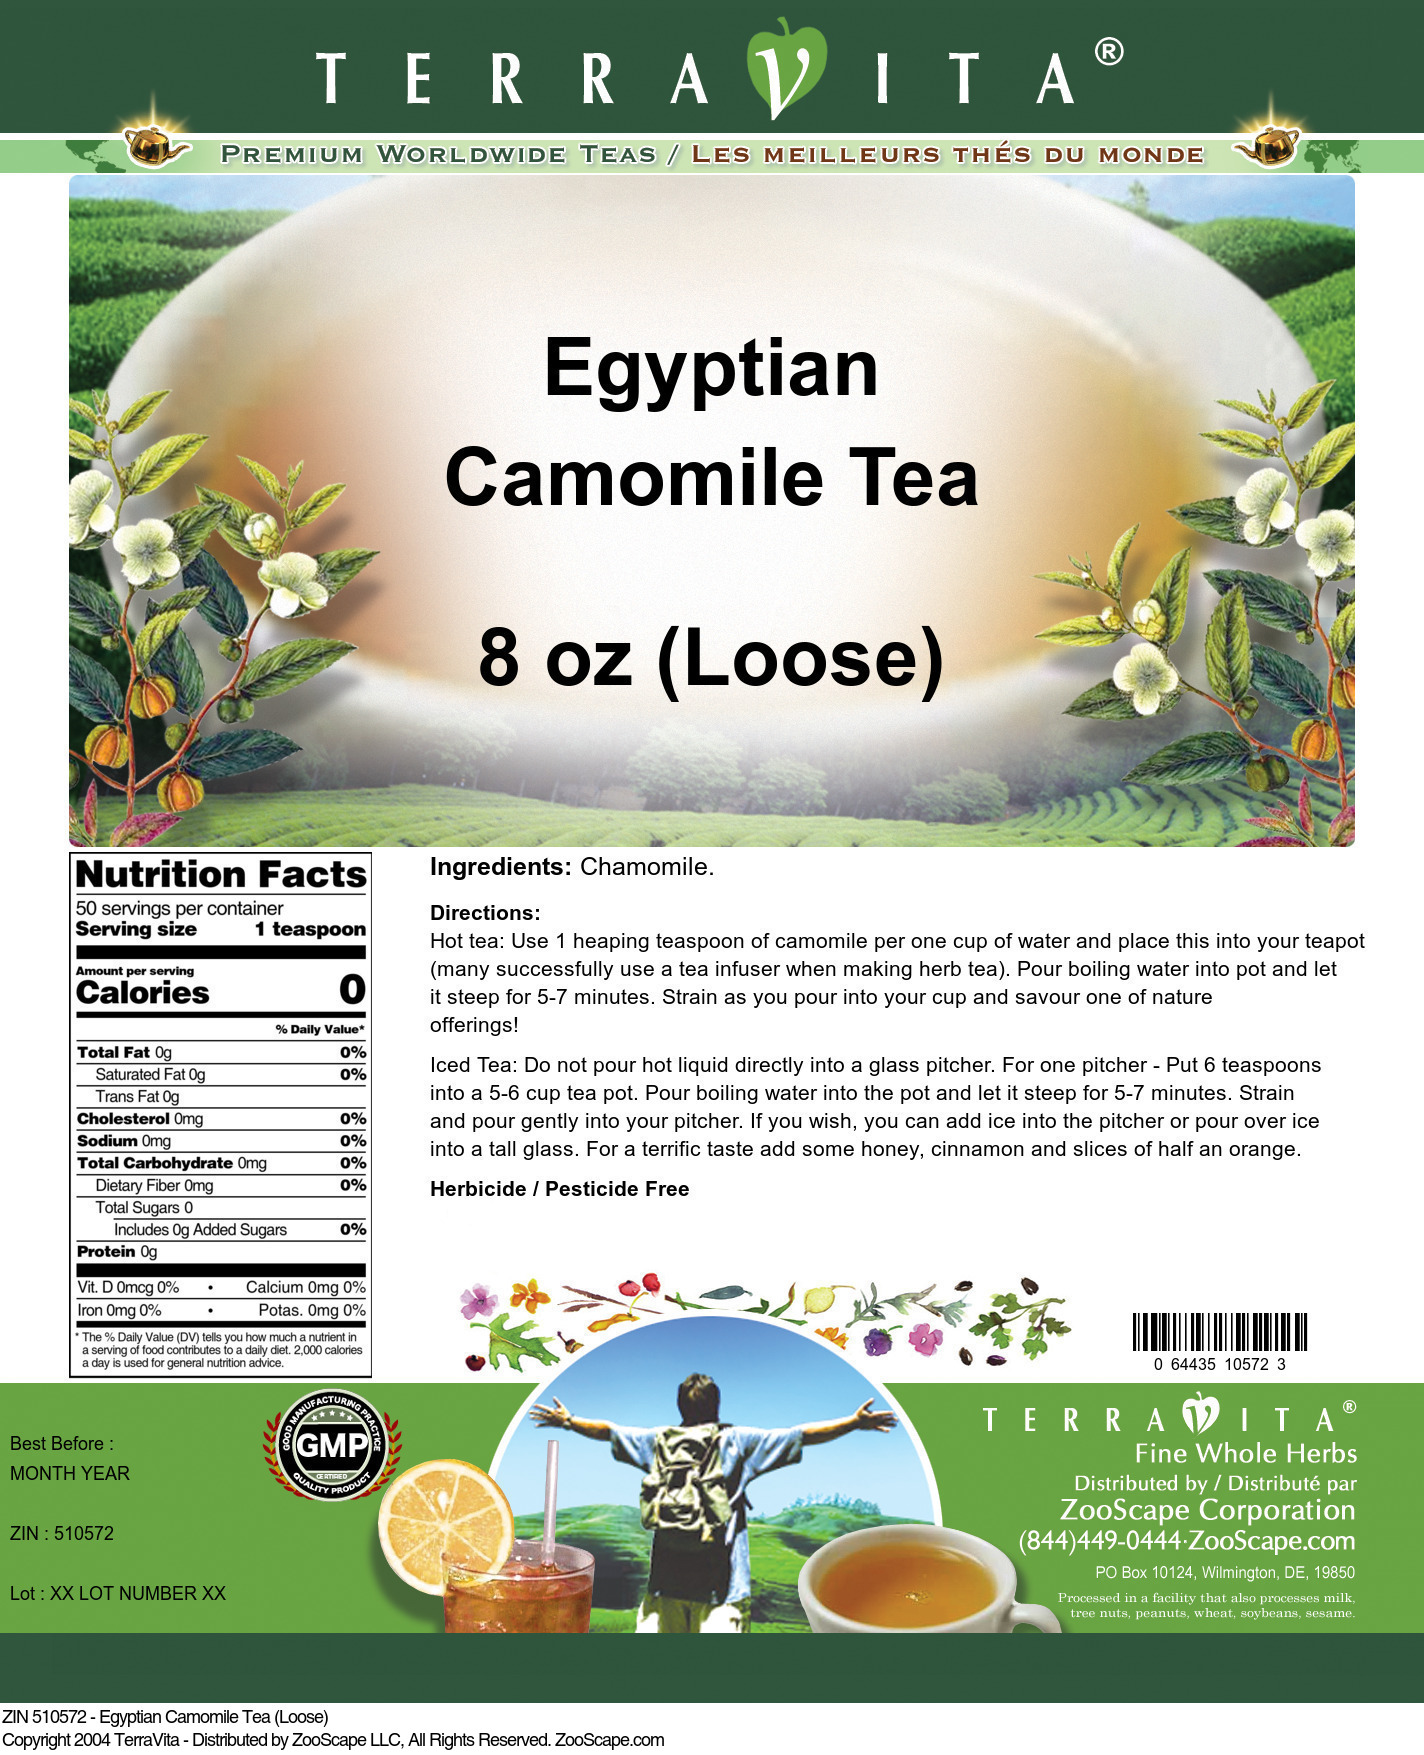 Egyptian Camomile Tea (Loose)